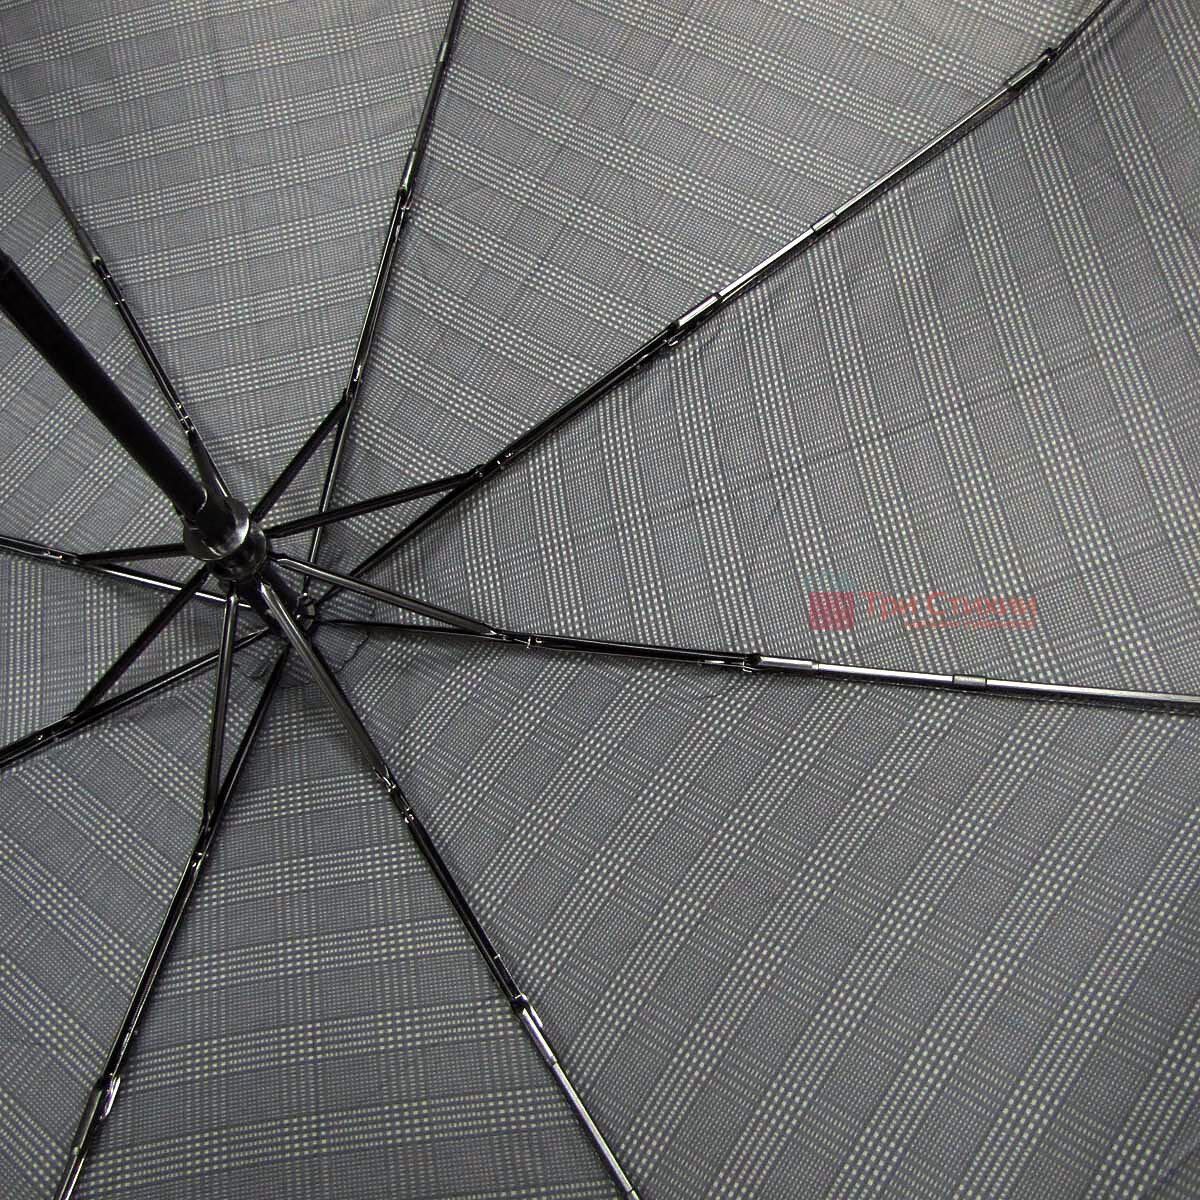 Зонт складной Doppler XM 74367N-6 полный автомат Крупная клетка, фото 4